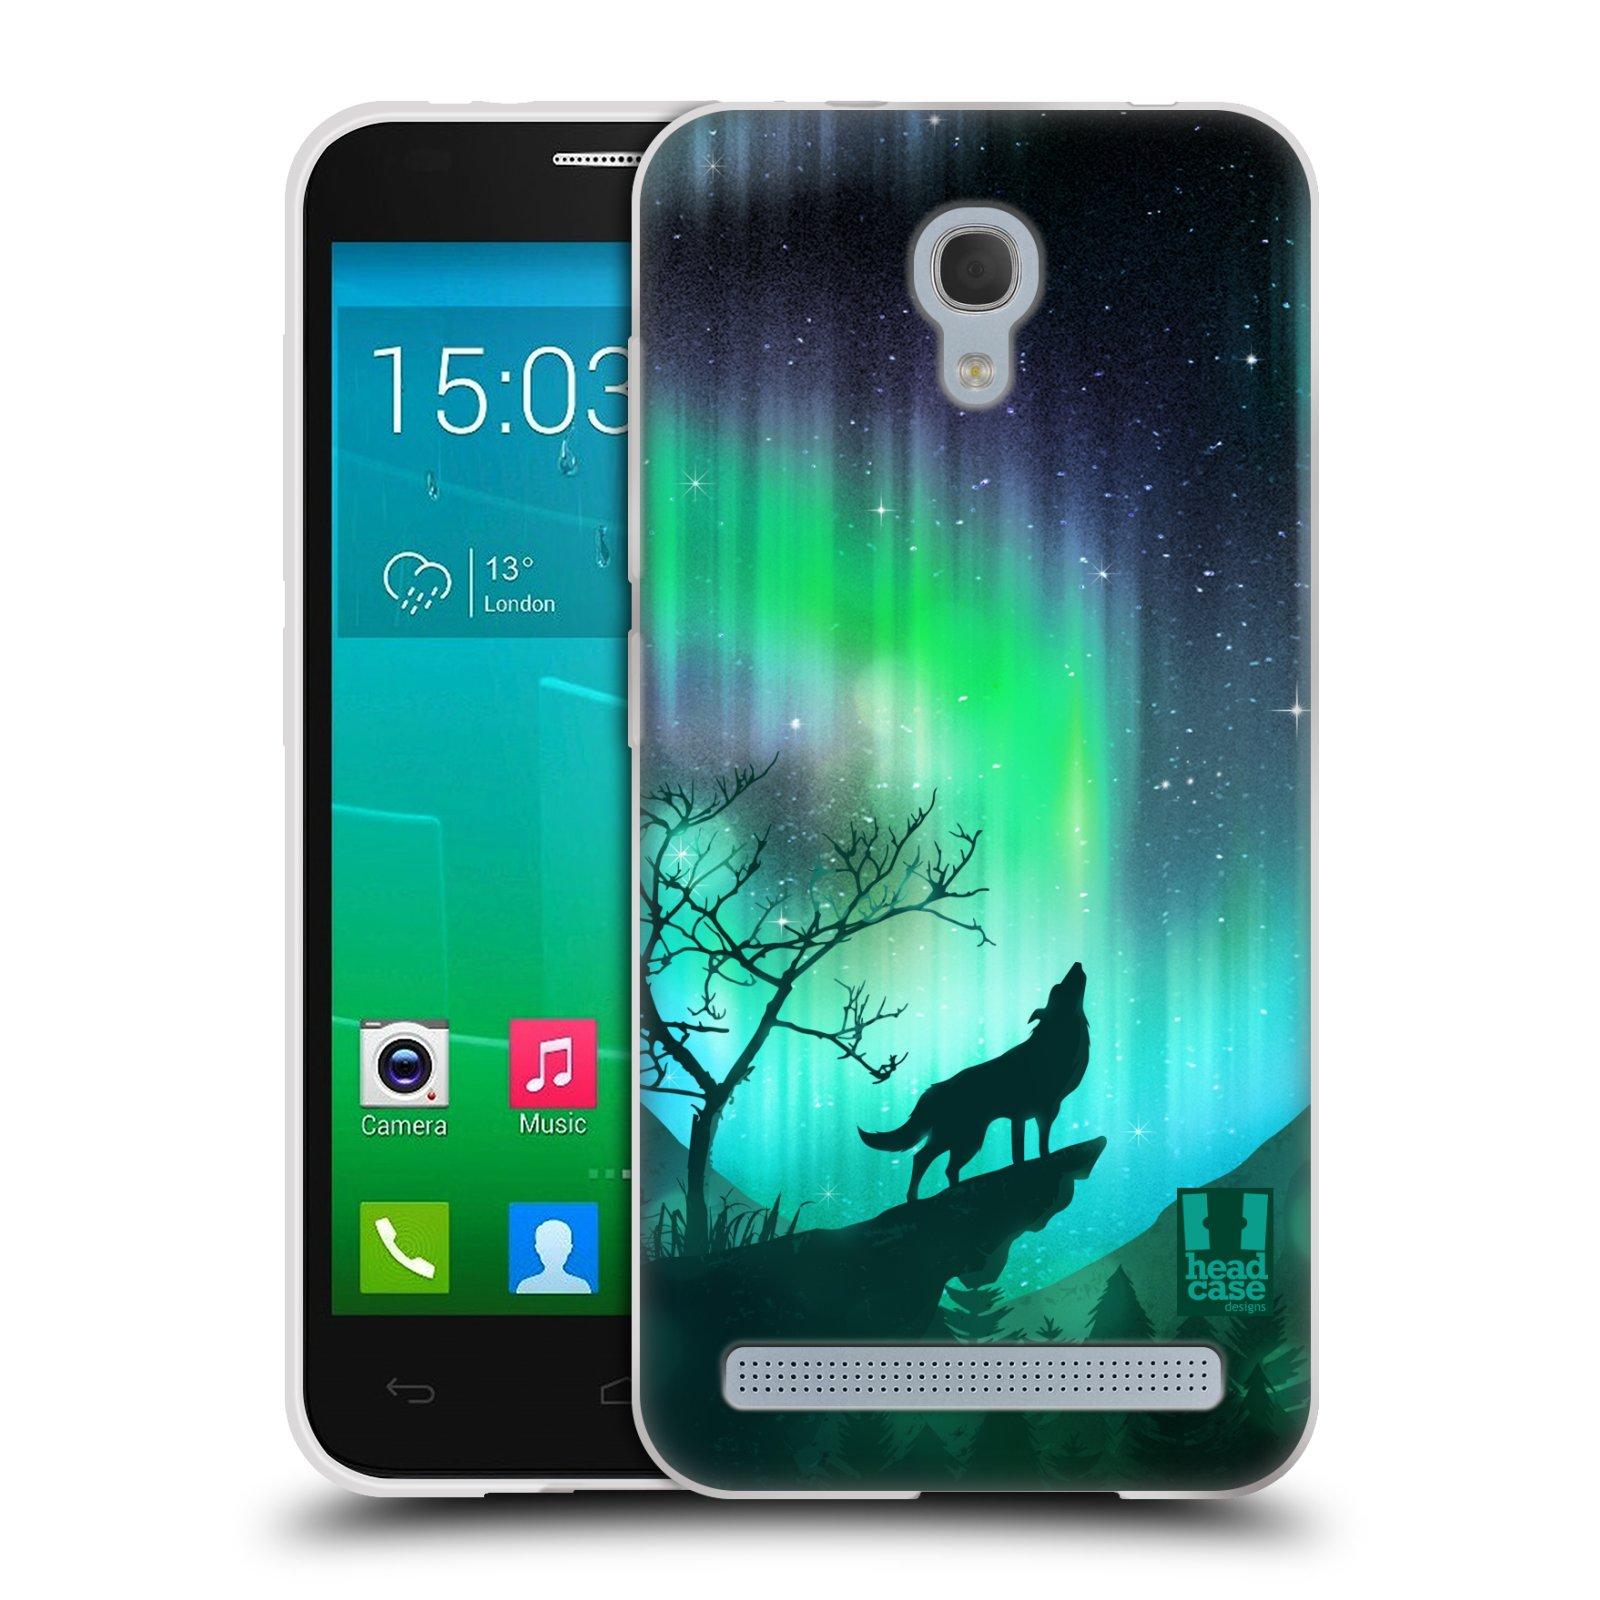 Silikonové pouzdro na mobil Alcatel One Touch Idol 2 Mini S 6036Y HEAD CASE POLÁRNÍ ZÁŘE VLK